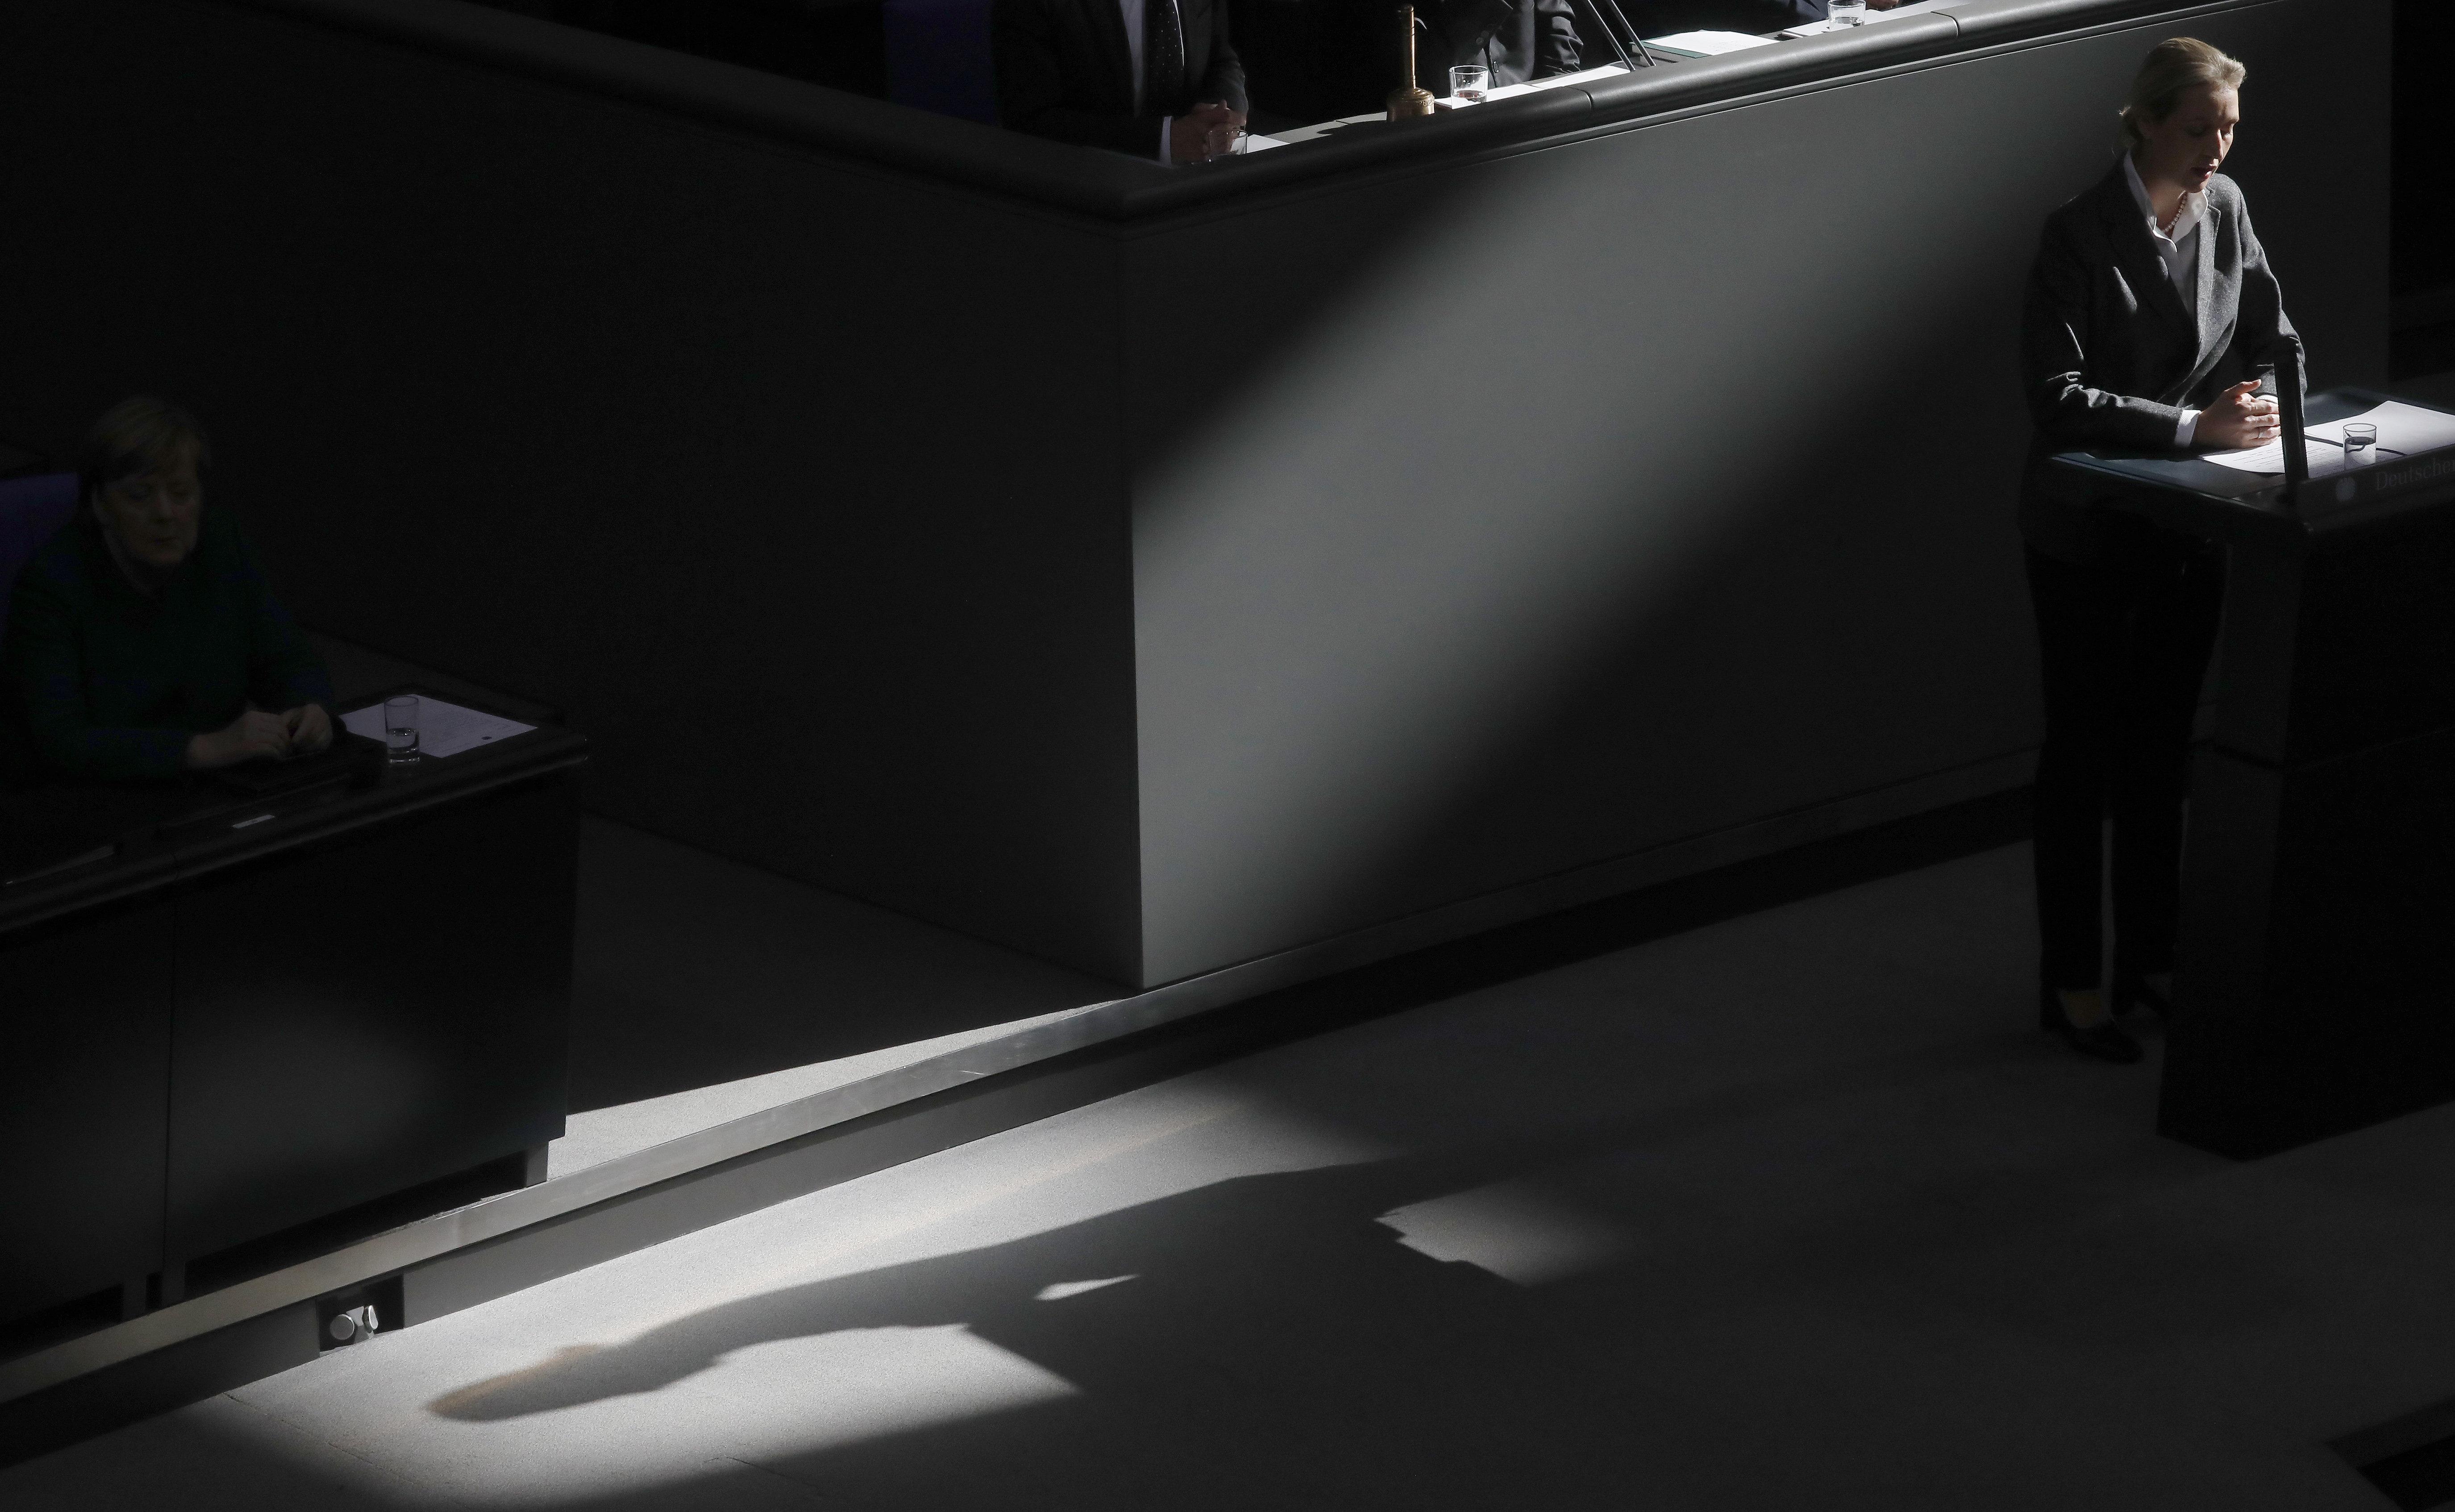 45 Seiten Willkür: Was die AfD heute im Bundestag abgeliefert hat, muss ein Weckruf für alle